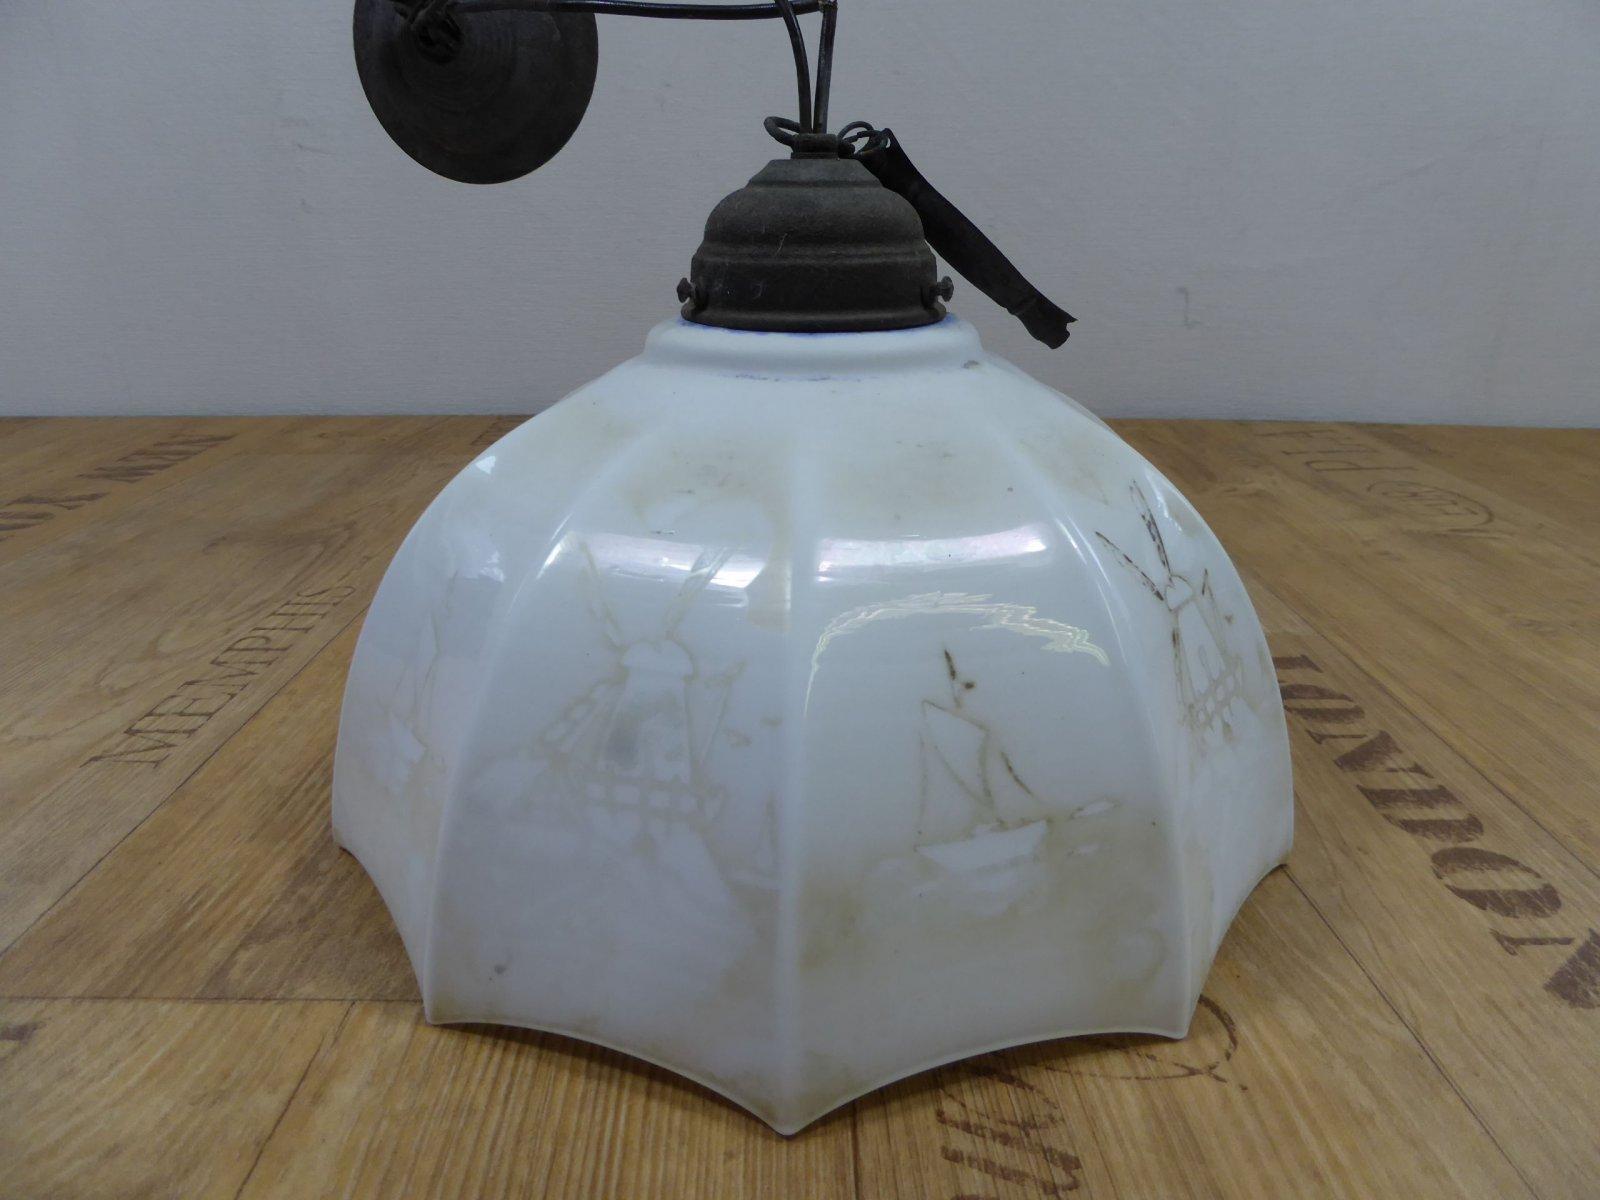 deckenlampe holland k chenlampe glasschirm jugendstil landhaus vintage 4 ebay. Black Bedroom Furniture Sets. Home Design Ideas